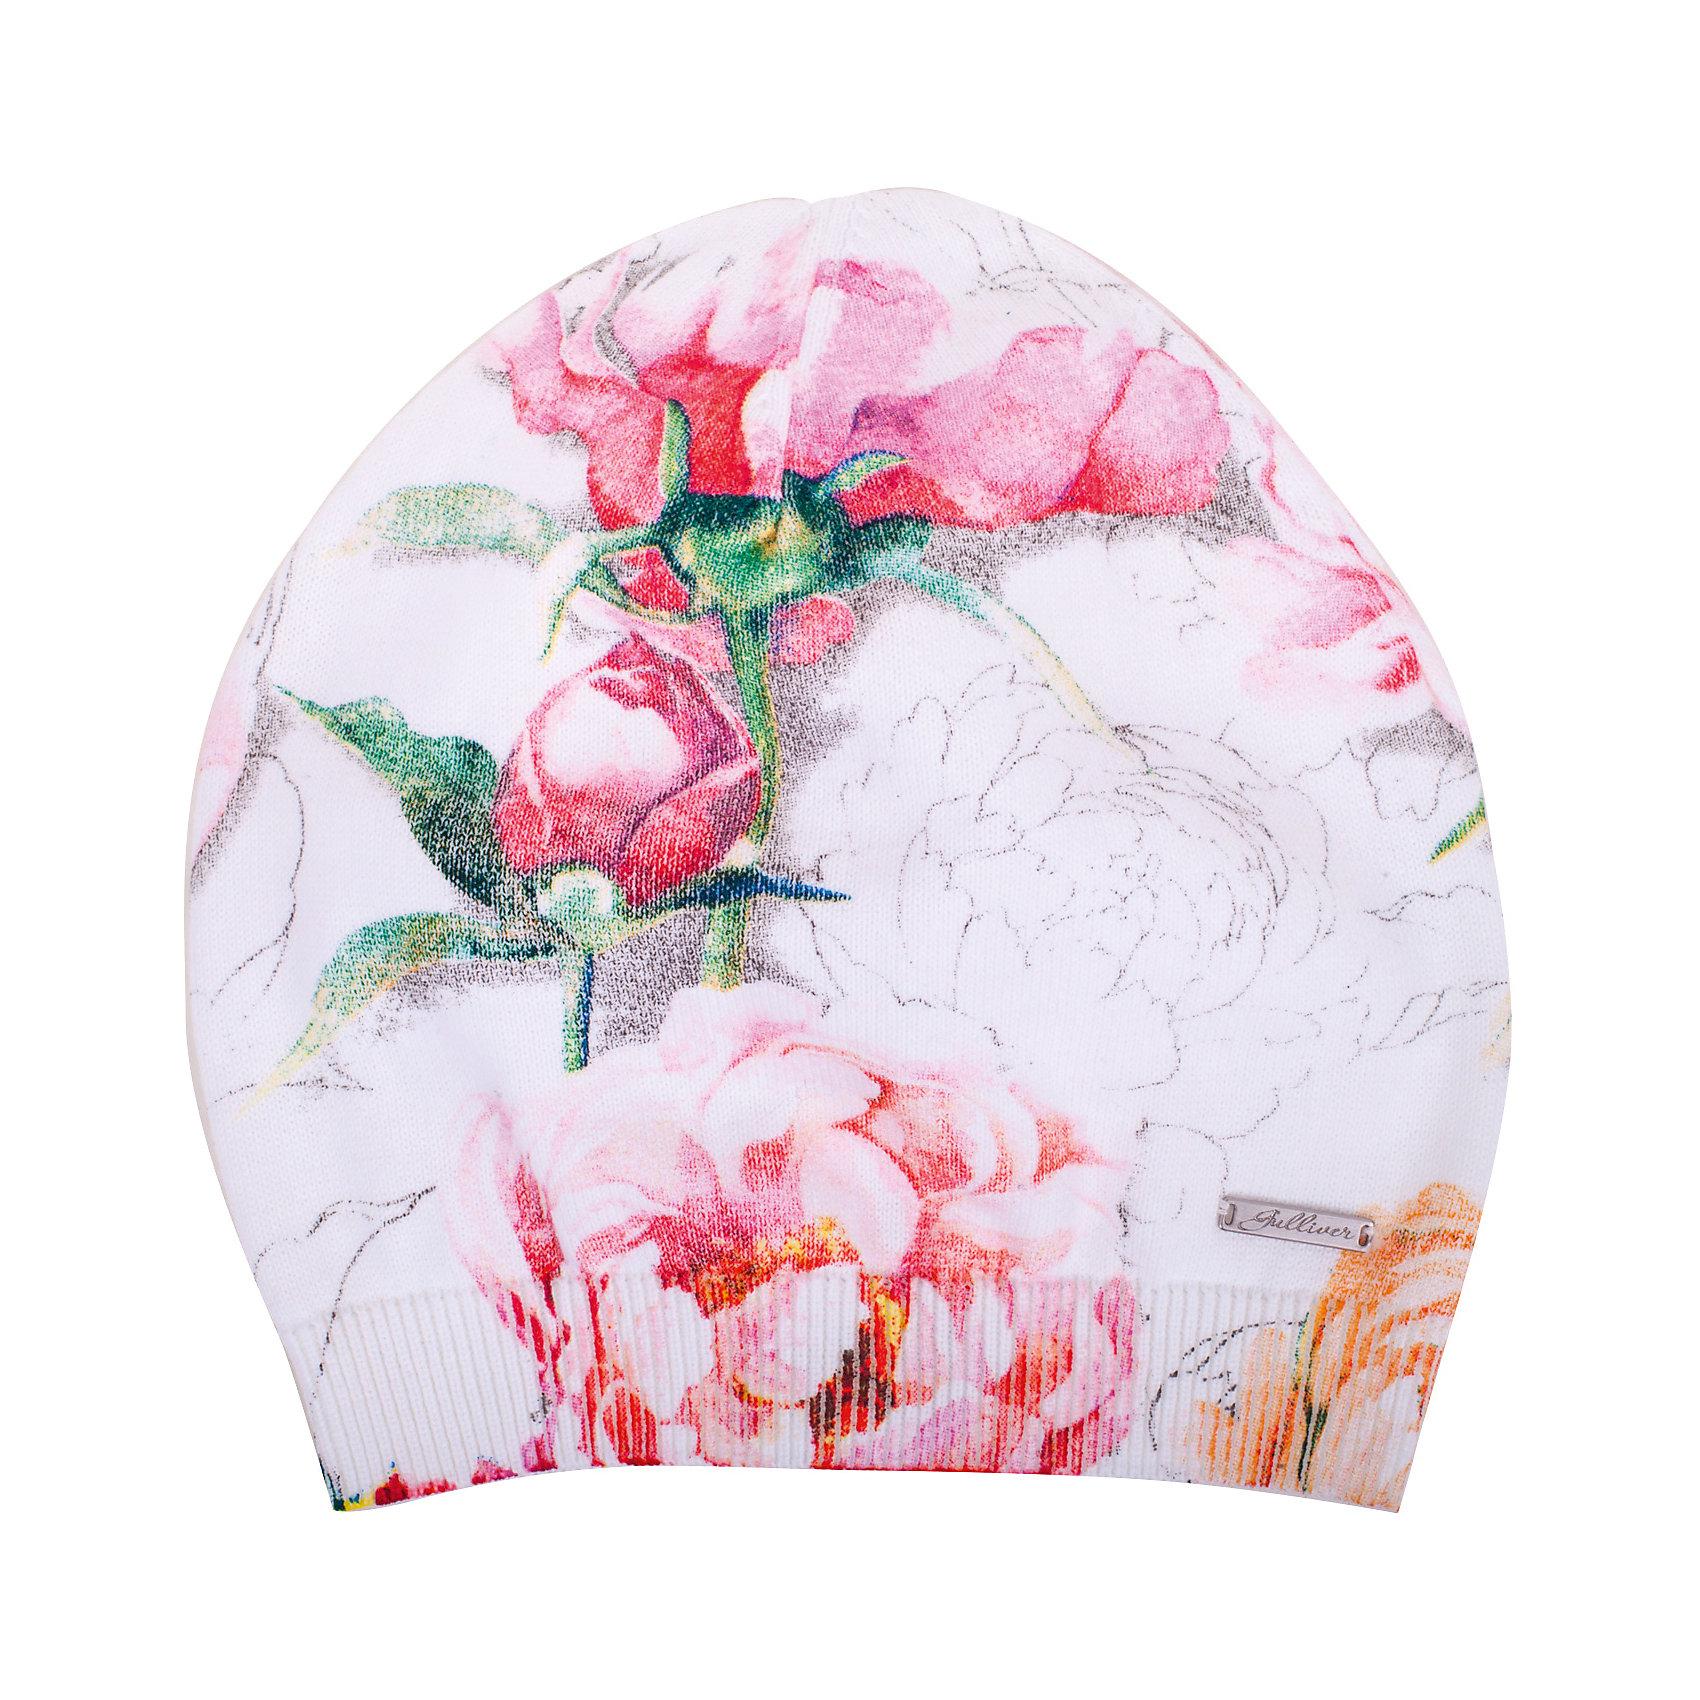 Шапка для девочки GulliverГоловные уборы<br>Стильная трикотажная шапка дополнит повседневный образ ребенка. Мягкая, легкая, комфортная, шапка с крупным цветочным рисунком, выполненным в технике принта, отлично разместится  в кармане ветровки или жилетки, чтобы в любой момент защитить юную модницу от непогоды и ветра.<br>Состав:<br>100% хлопок<br><br>Ширина мм: 89<br>Глубина мм: 117<br>Высота мм: 44<br>Вес г: 155<br>Цвет: белый<br>Возраст от месяцев: 48<br>Возраст до месяцев: 60<br>Пол: Женский<br>Возраст: Детский<br>Размер: 52,54<br>SKU: 5484156